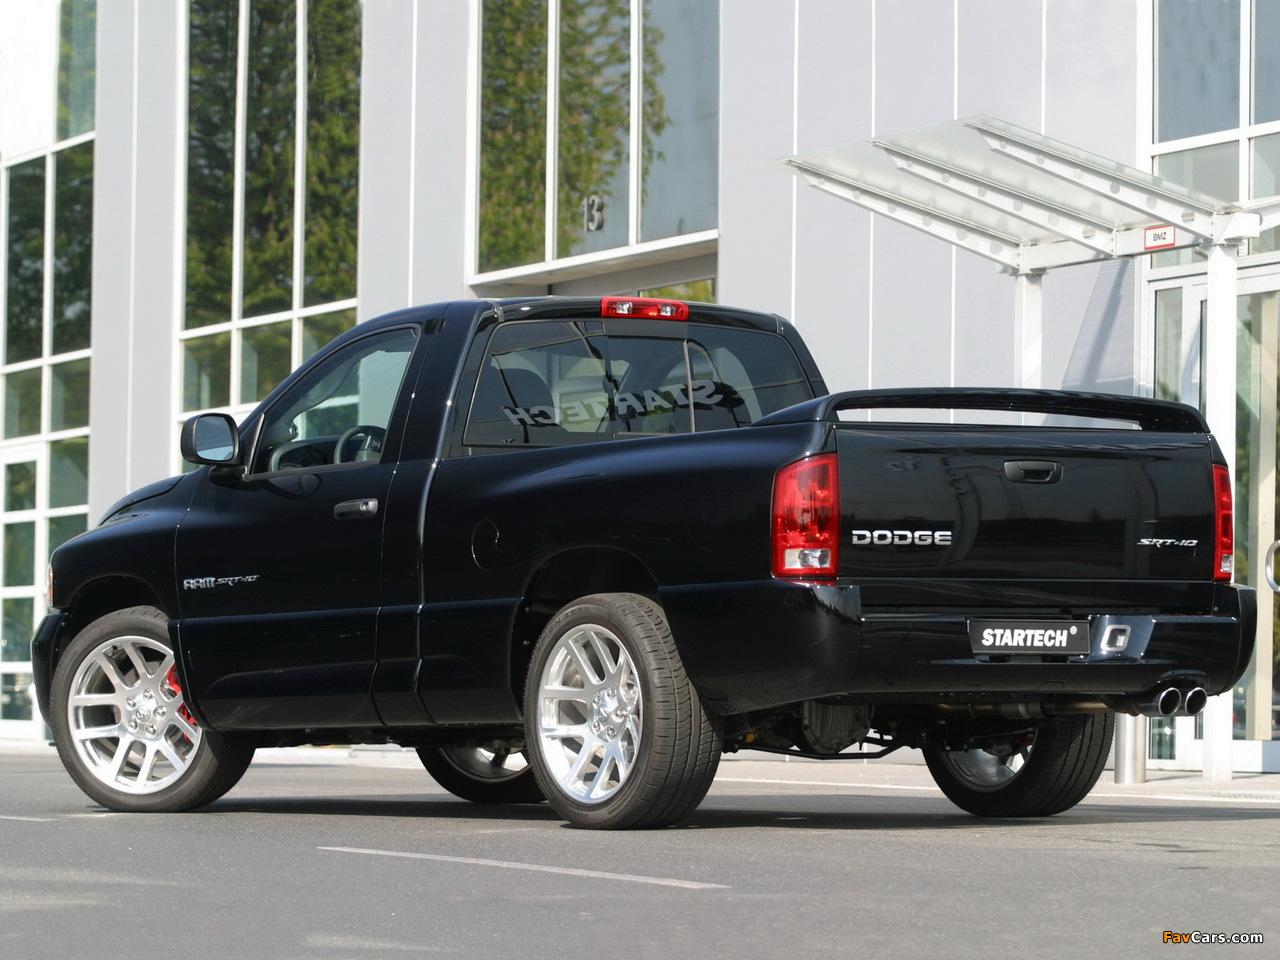 Startech Dodge Ram SRT10 images (1280 x 960)